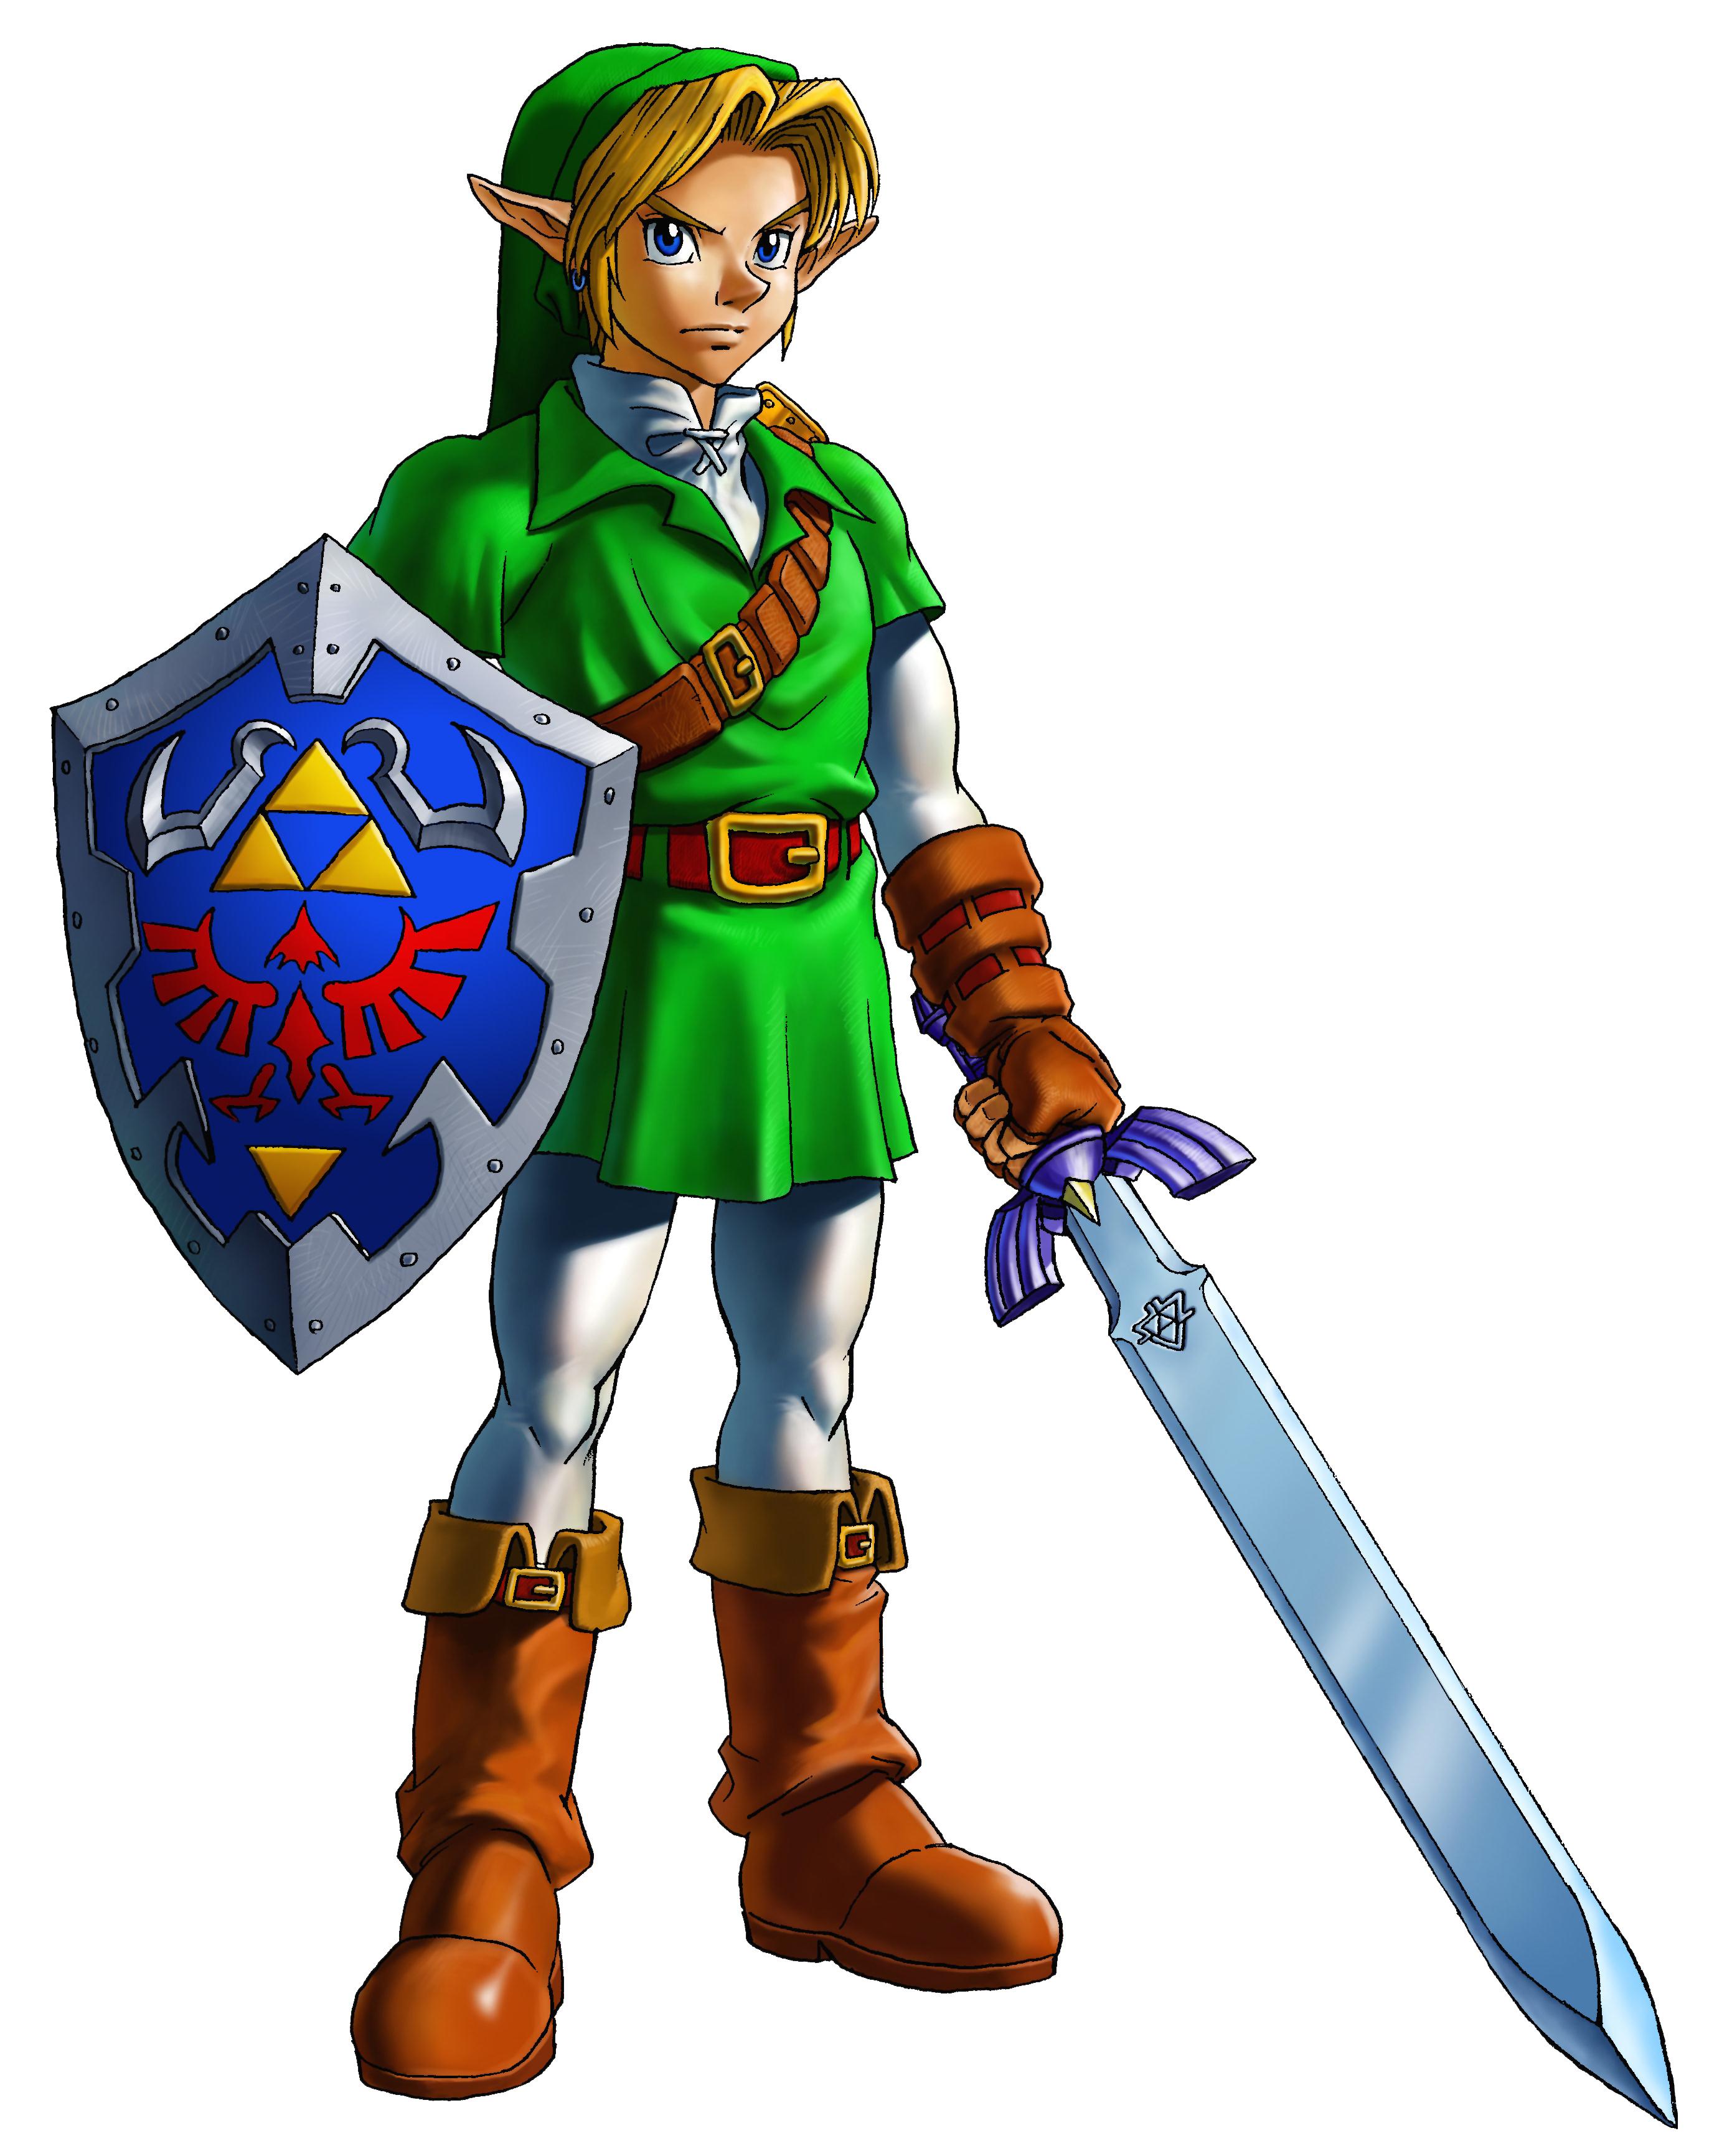 Saga Super Smash Bros. - Página 4 Link_Artwork_1_%28Ocarina_of_Time%29